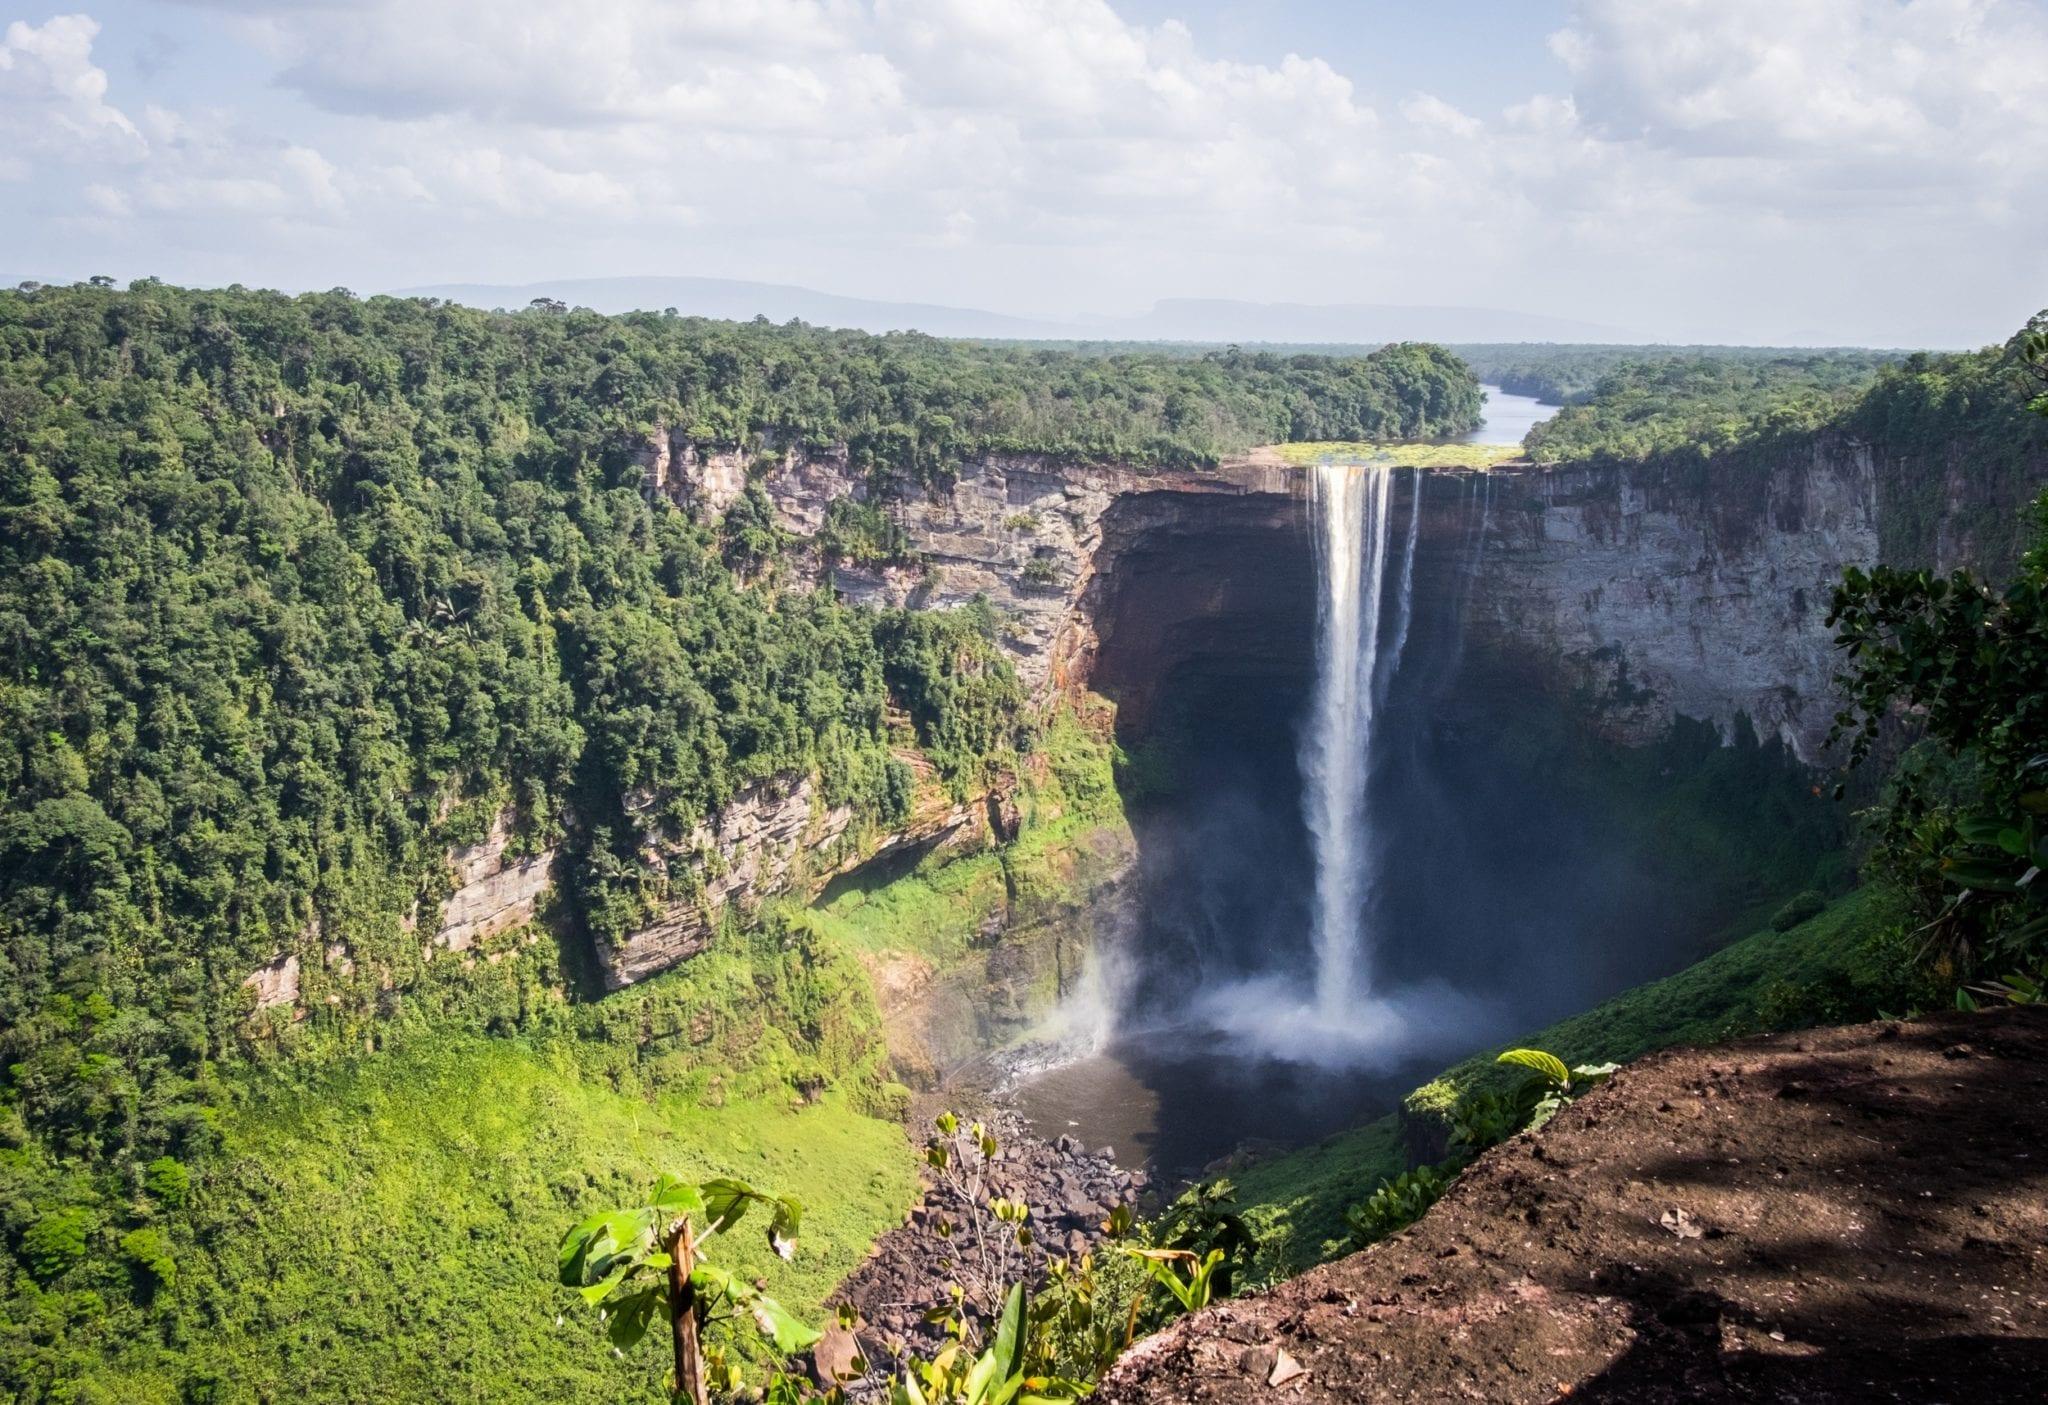 DSCF7613 ▷ ¿Qué es realmente como viajar a Guyana?